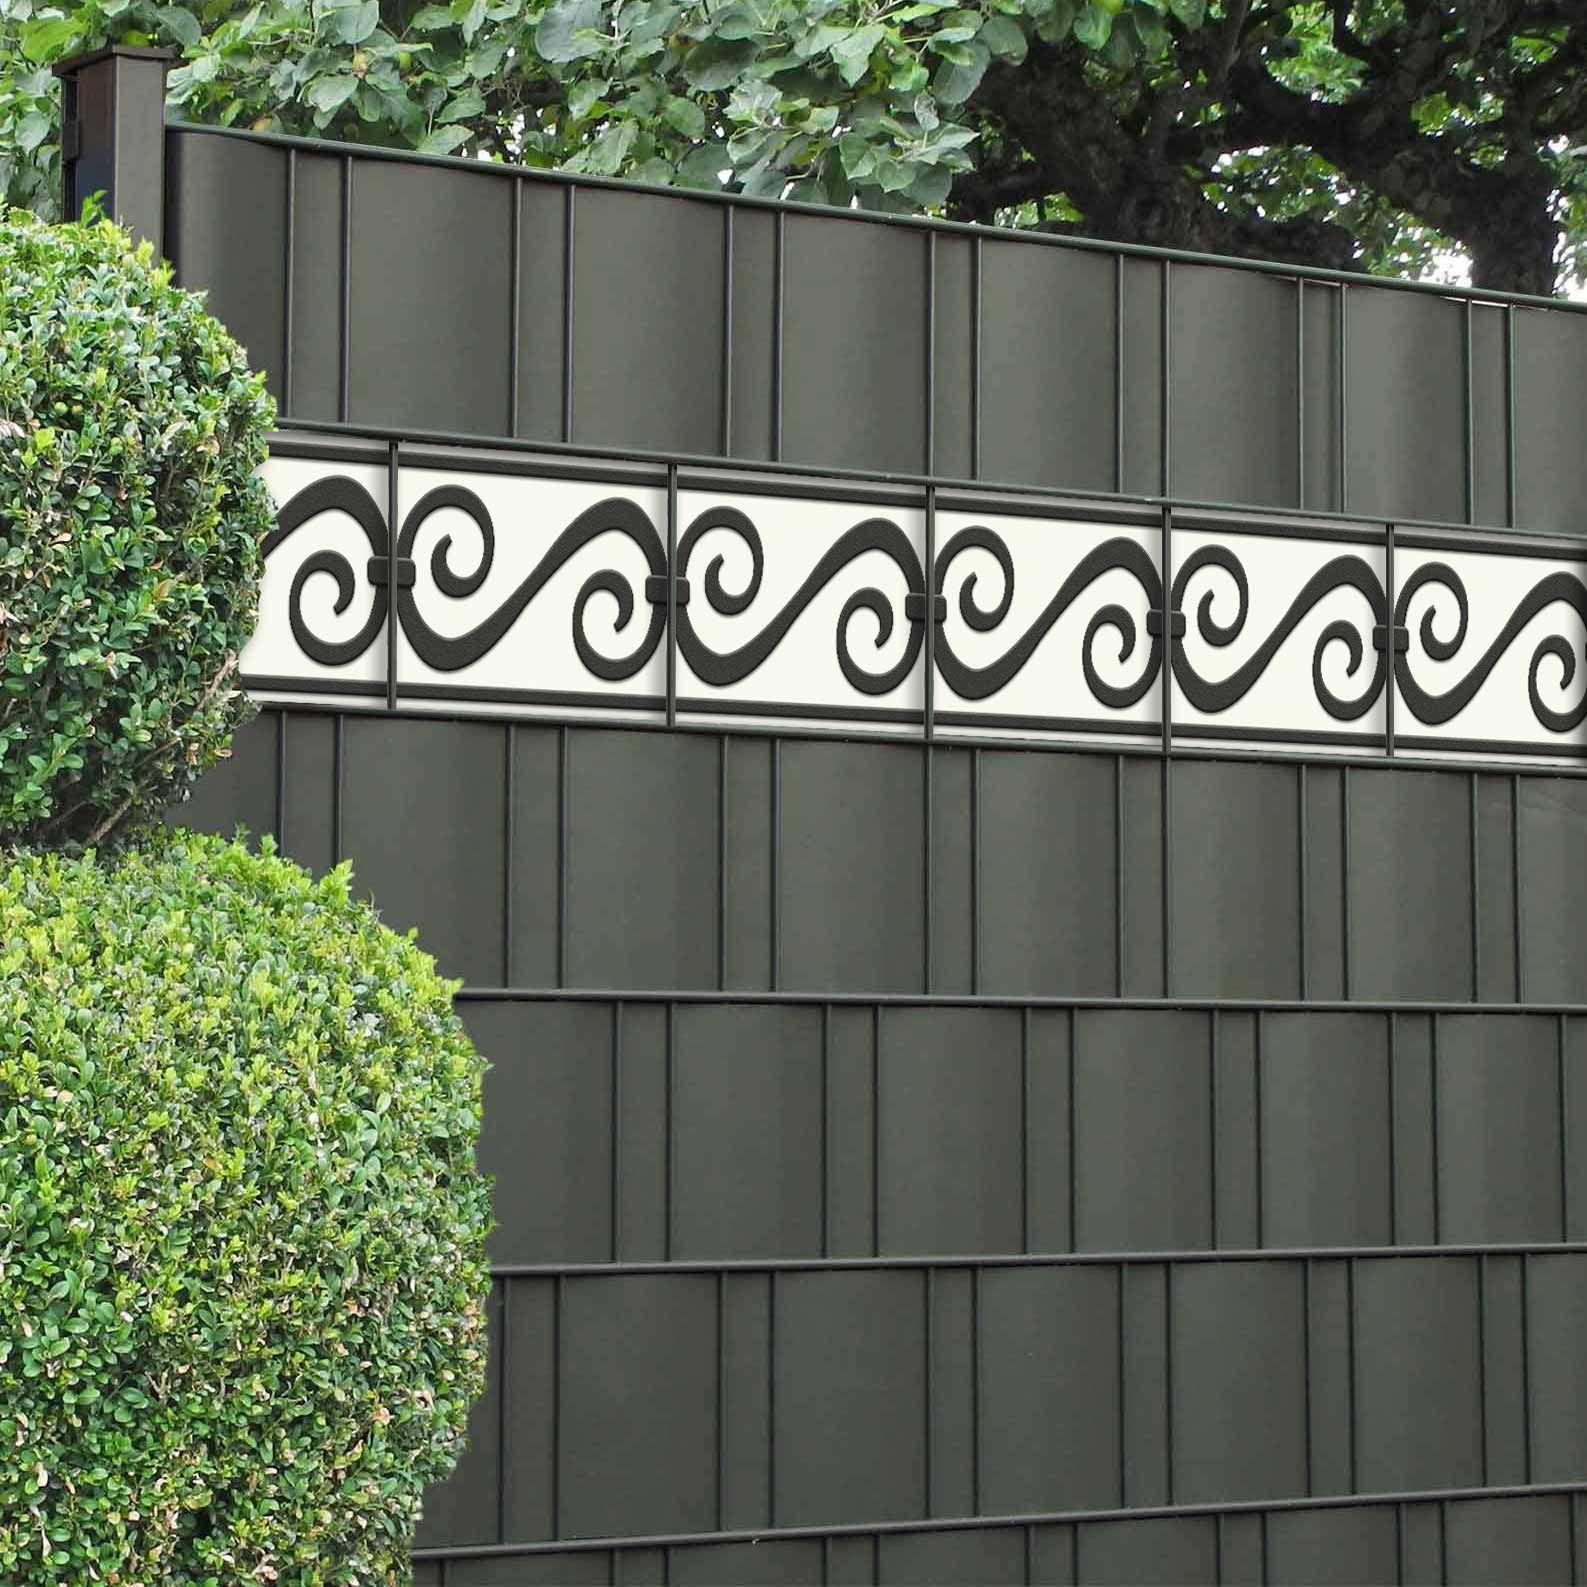 Dekor Sichtschutzstreifen Motiv Rom Sichtschutz Garten Zaun